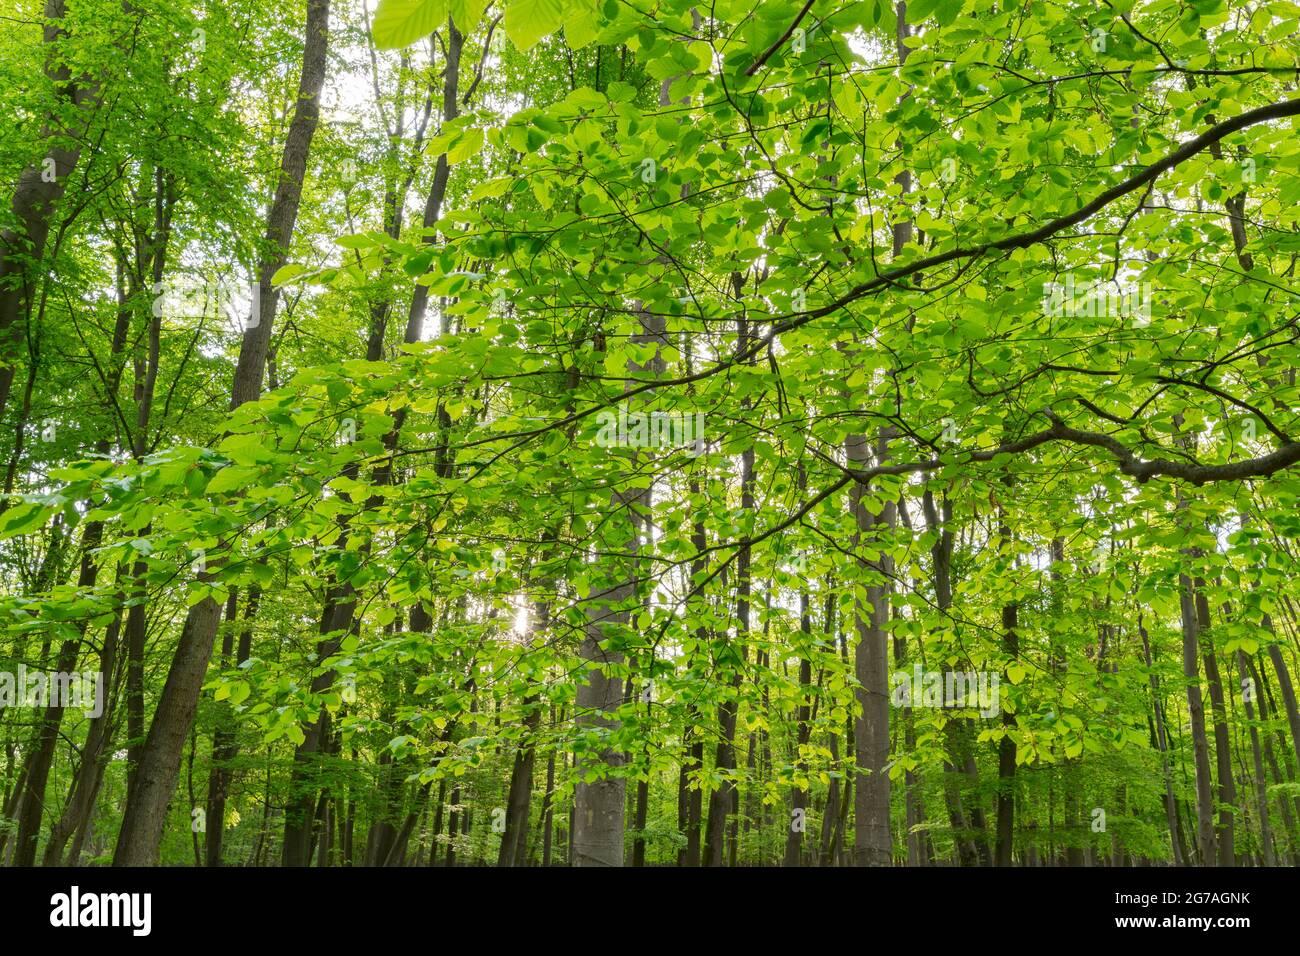 Forêt de hêtre au printemps, mai, Hesse, Allemagne Banque D'Images